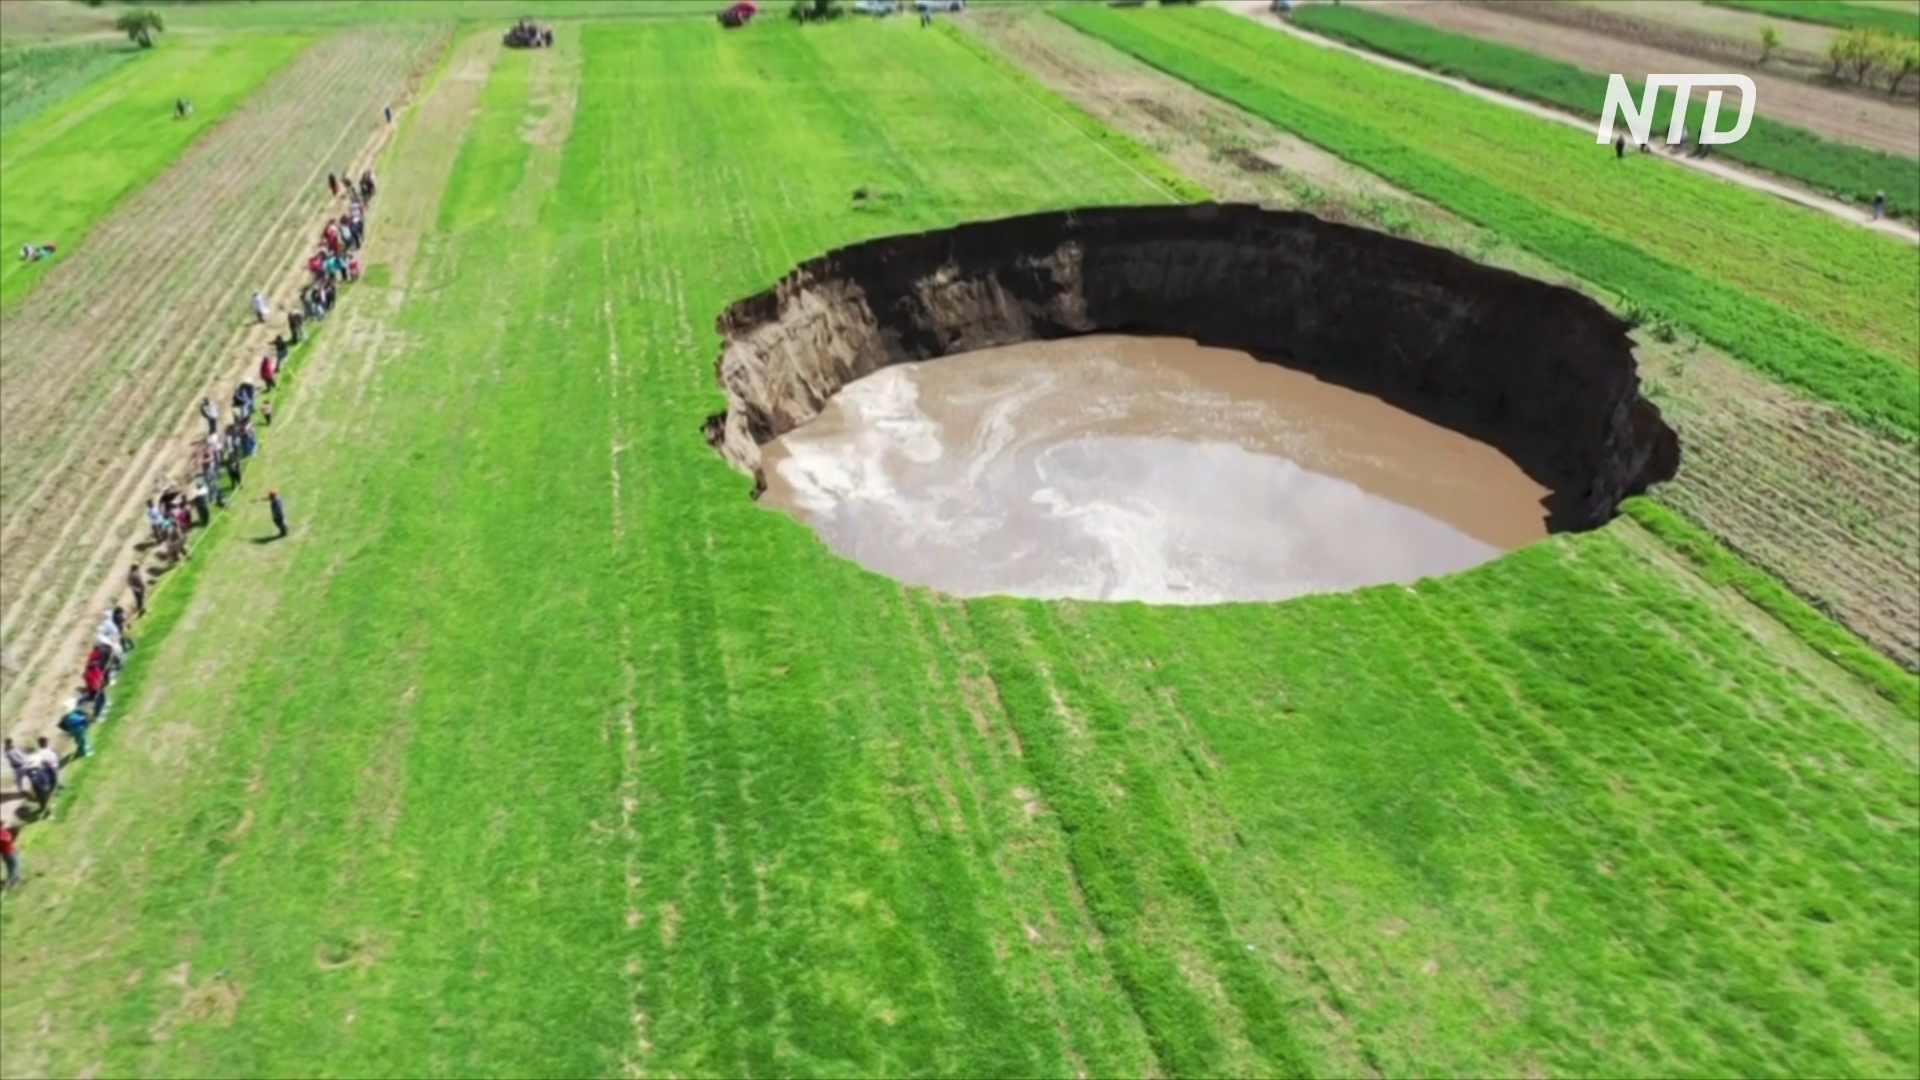 Провал диаметром 80 м появился посреди поля в Мексике